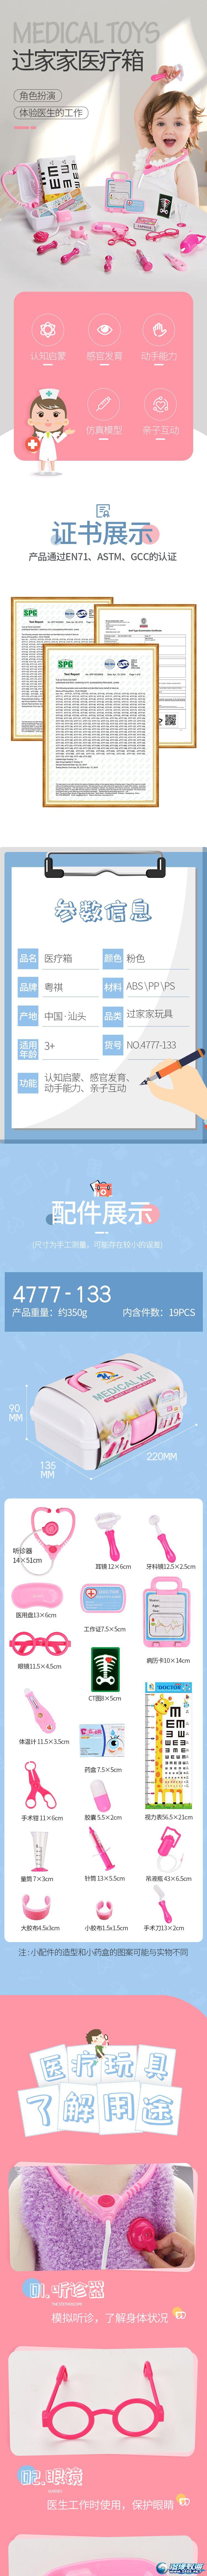 粤祺玩具厂-(4777-133)-医疗箱玩具-中文详情页_01.jpg